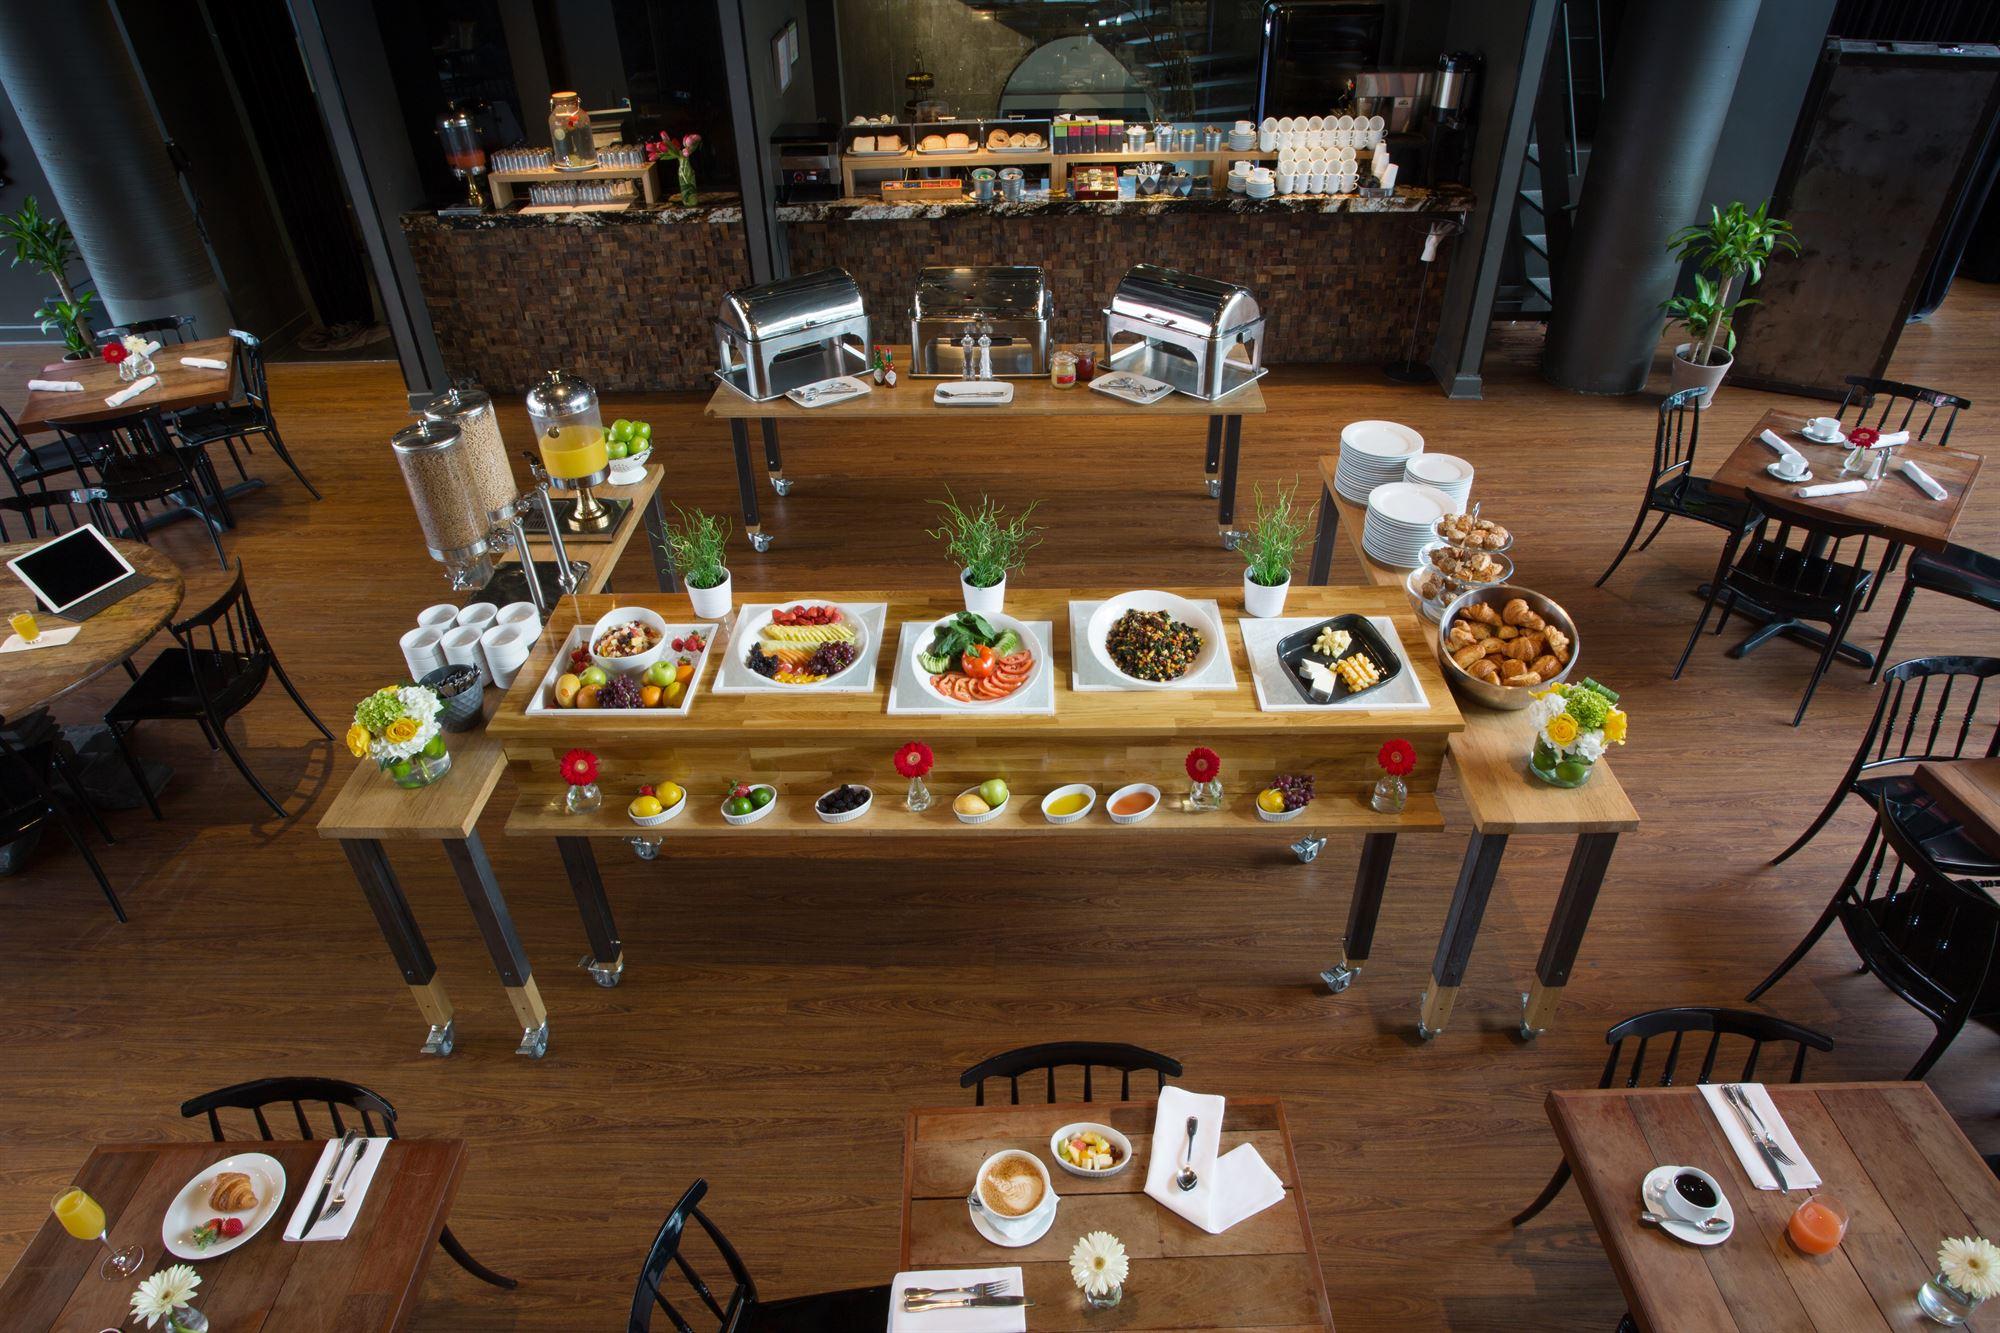 Breakfast Buffet Overhead View